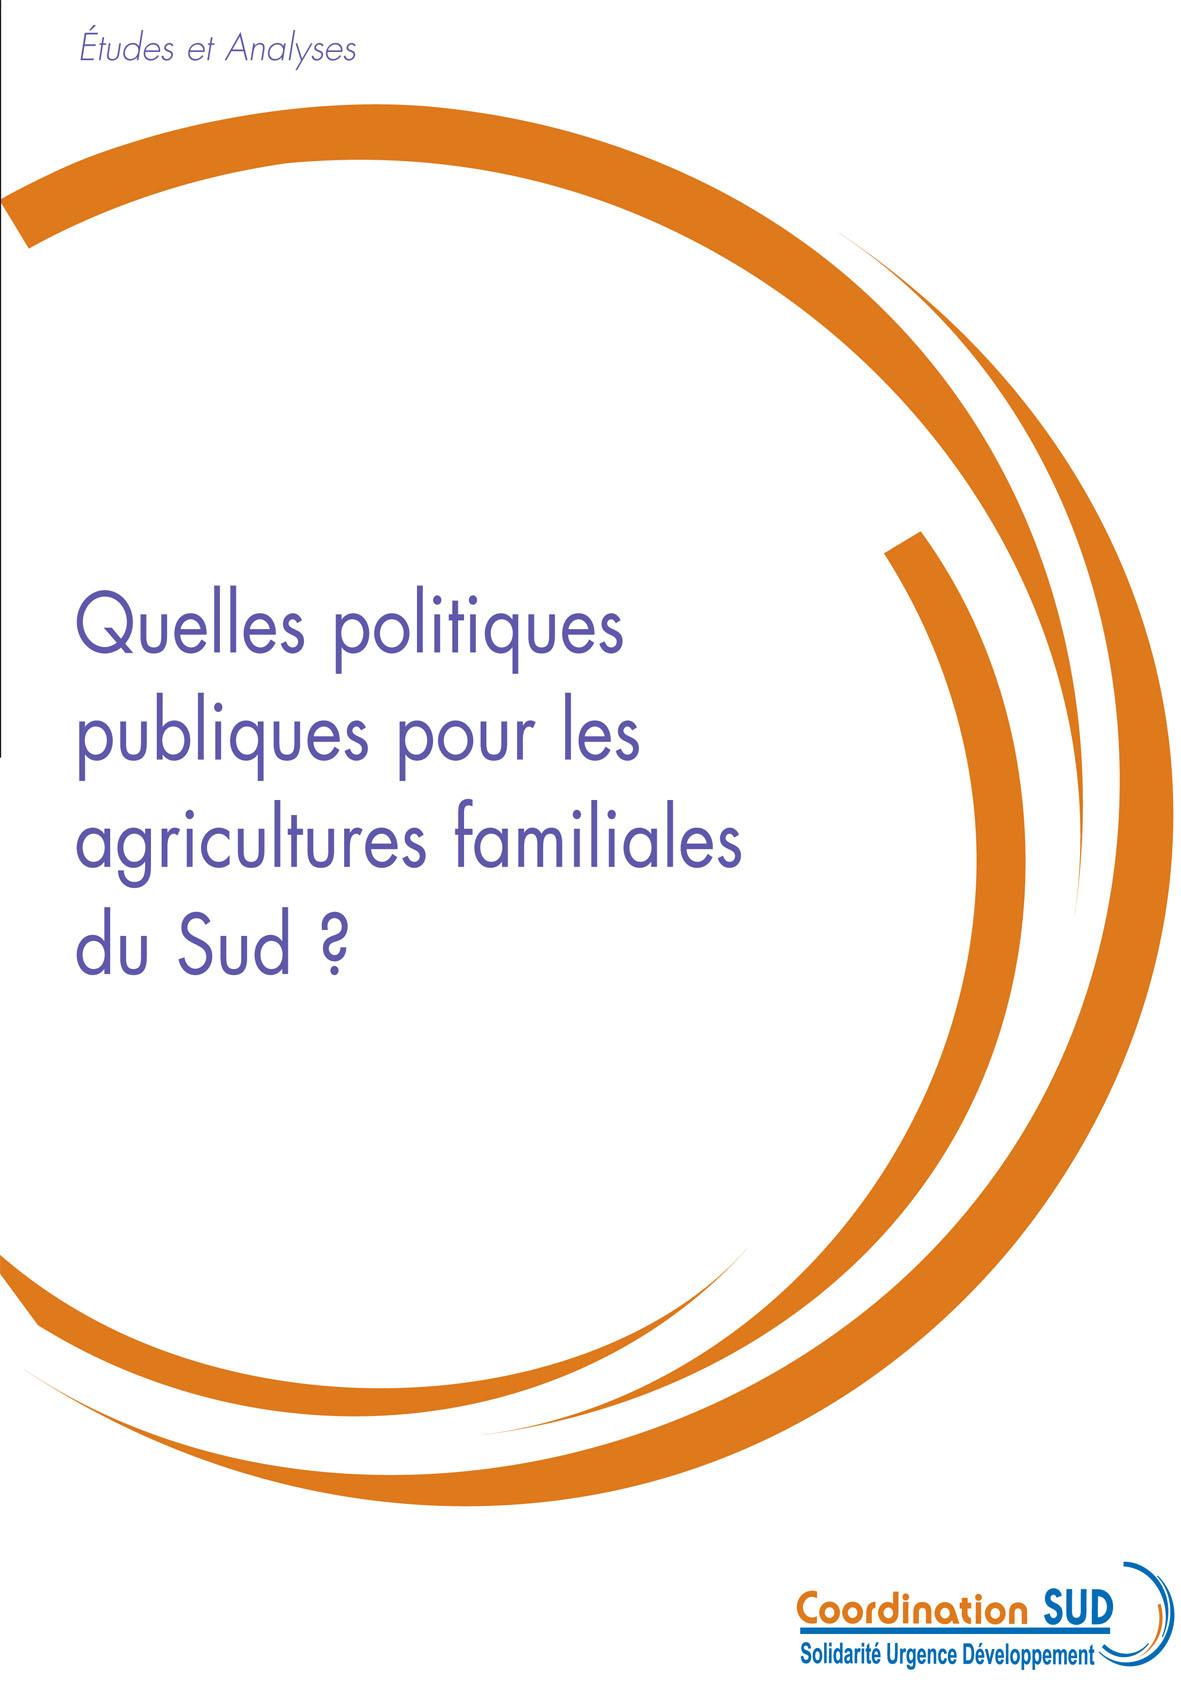 Thumbnail -  Quelles politiques publiques pour les agricultures familiales du Sud ?